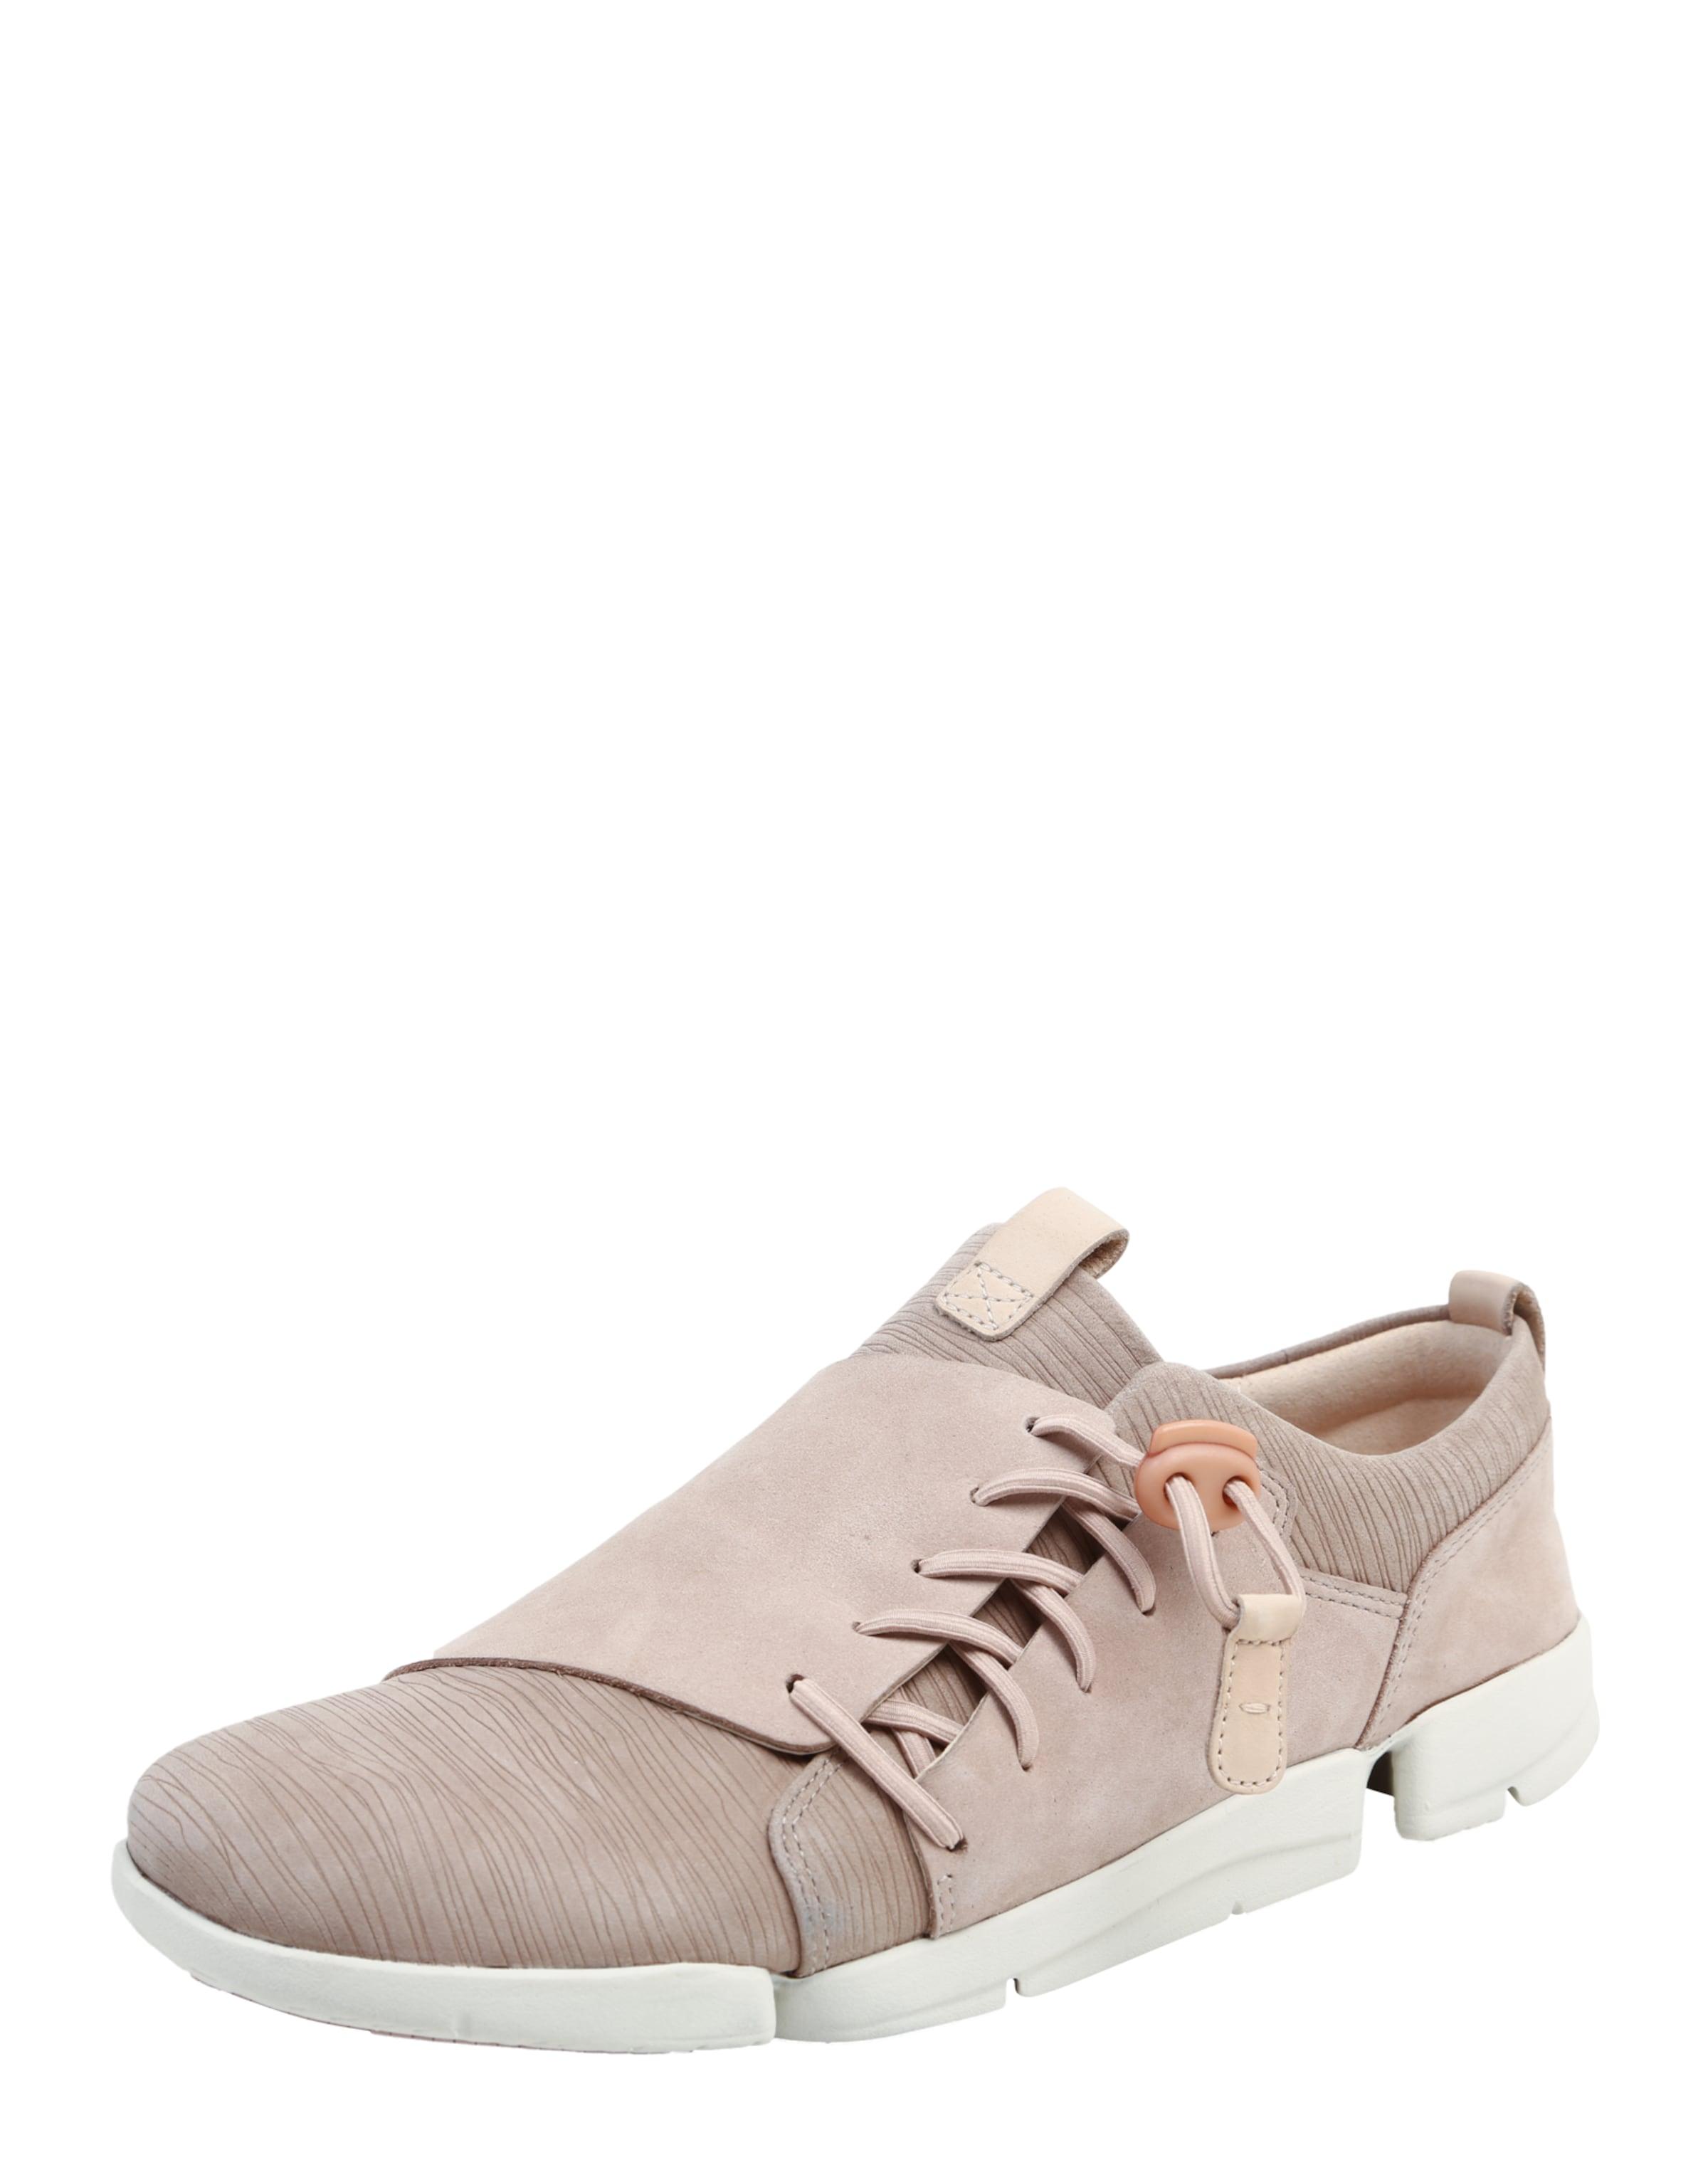 CLARKS Sneaker  Tri camilla